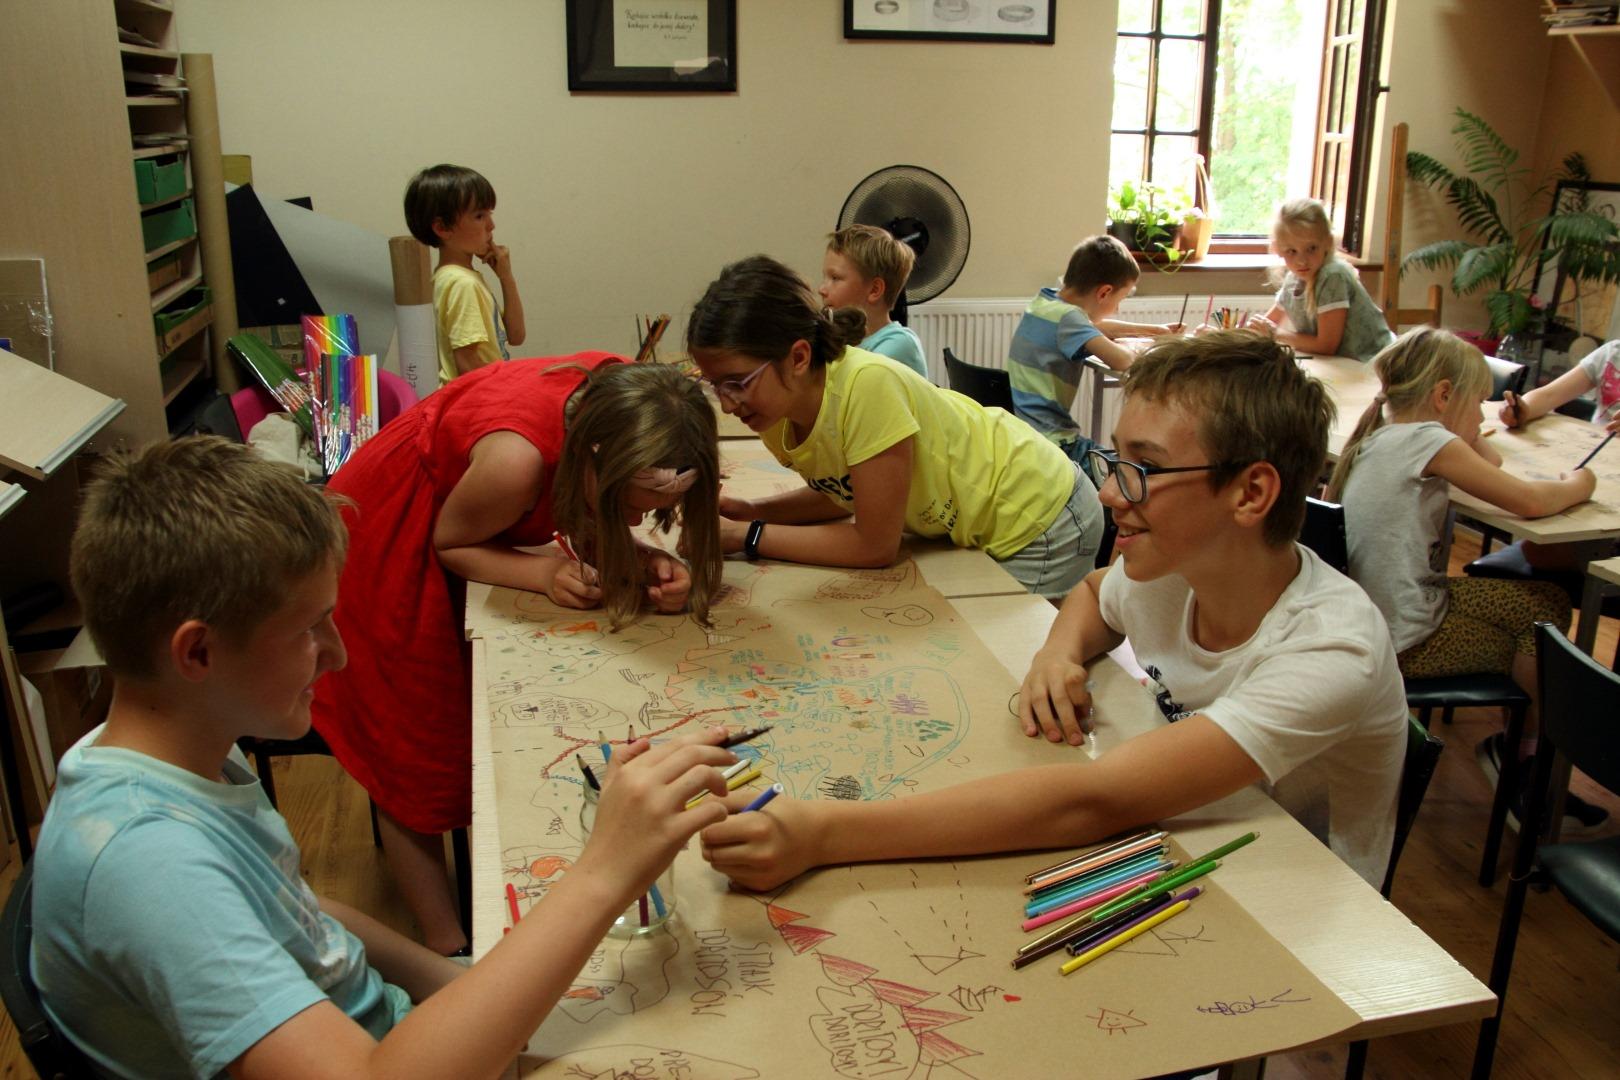 Na zdjęciu widać dzieci siedzące przy stolikach. Dzieci tworzą mapę